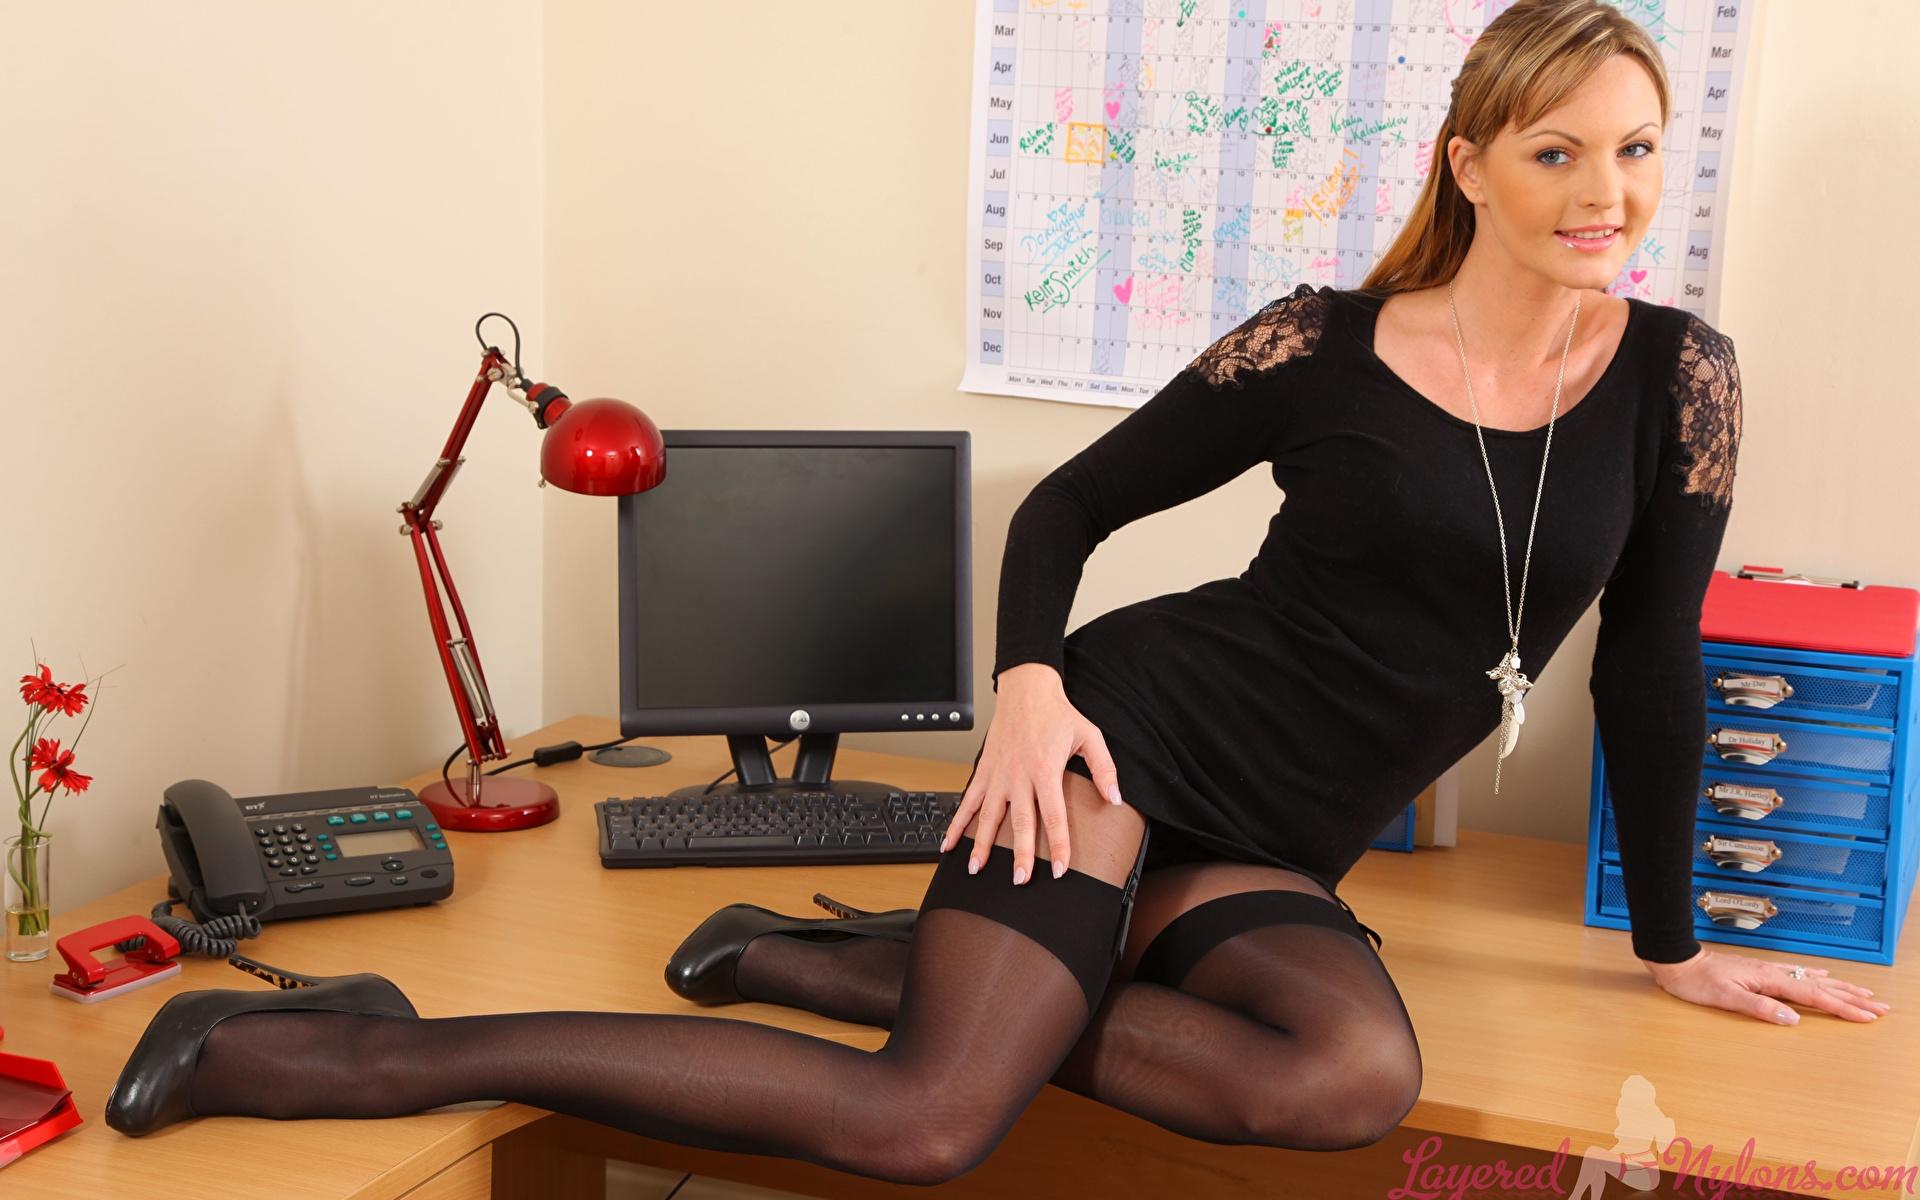 Секретарша в чулках порна, Порно видео с секретаршами в чулках на русском языке 7 фотография